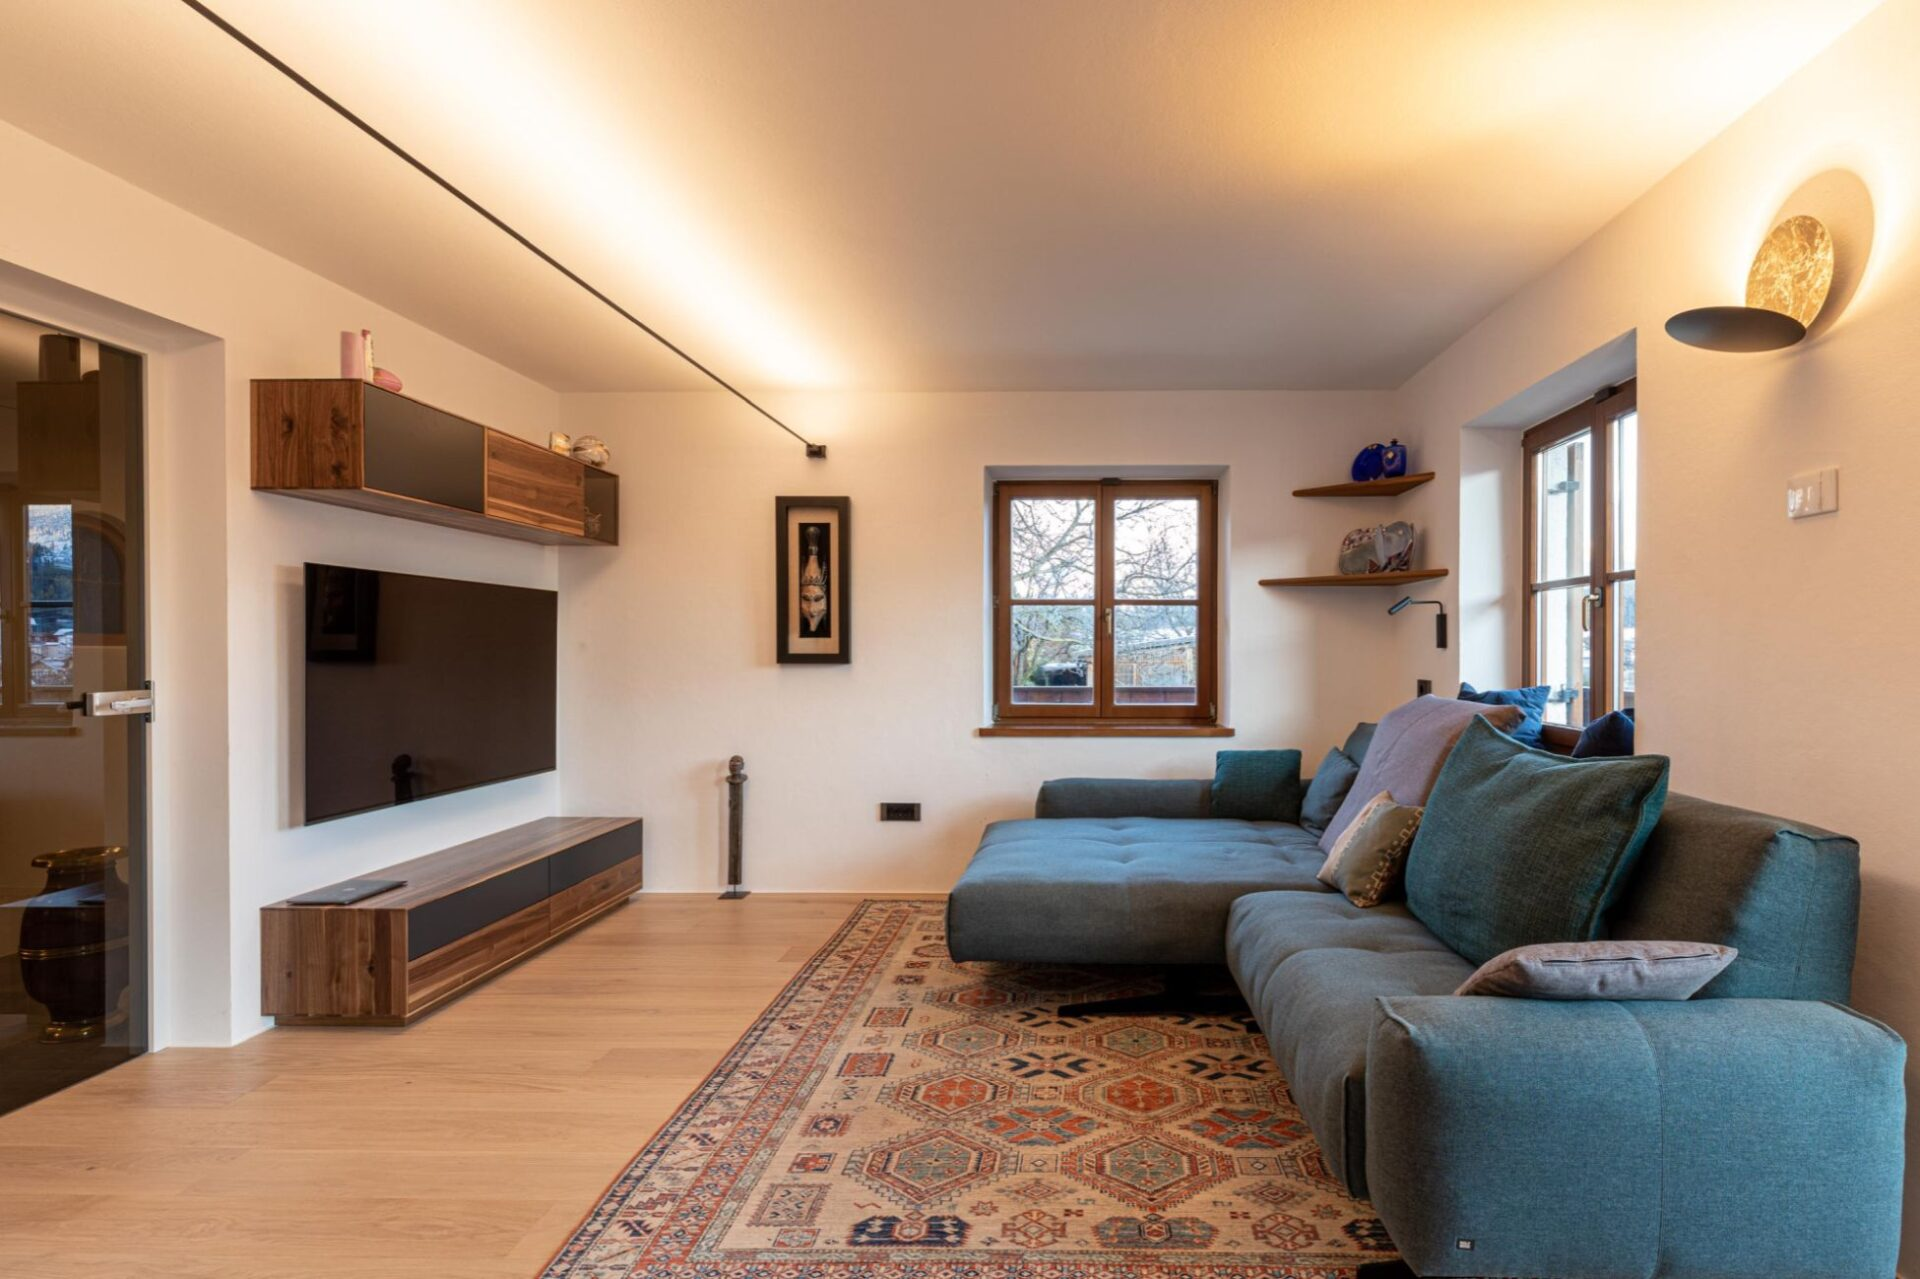 2019_Resch_Home_Blumau_Wohnkueche_Schabs_15_2000px.jpg